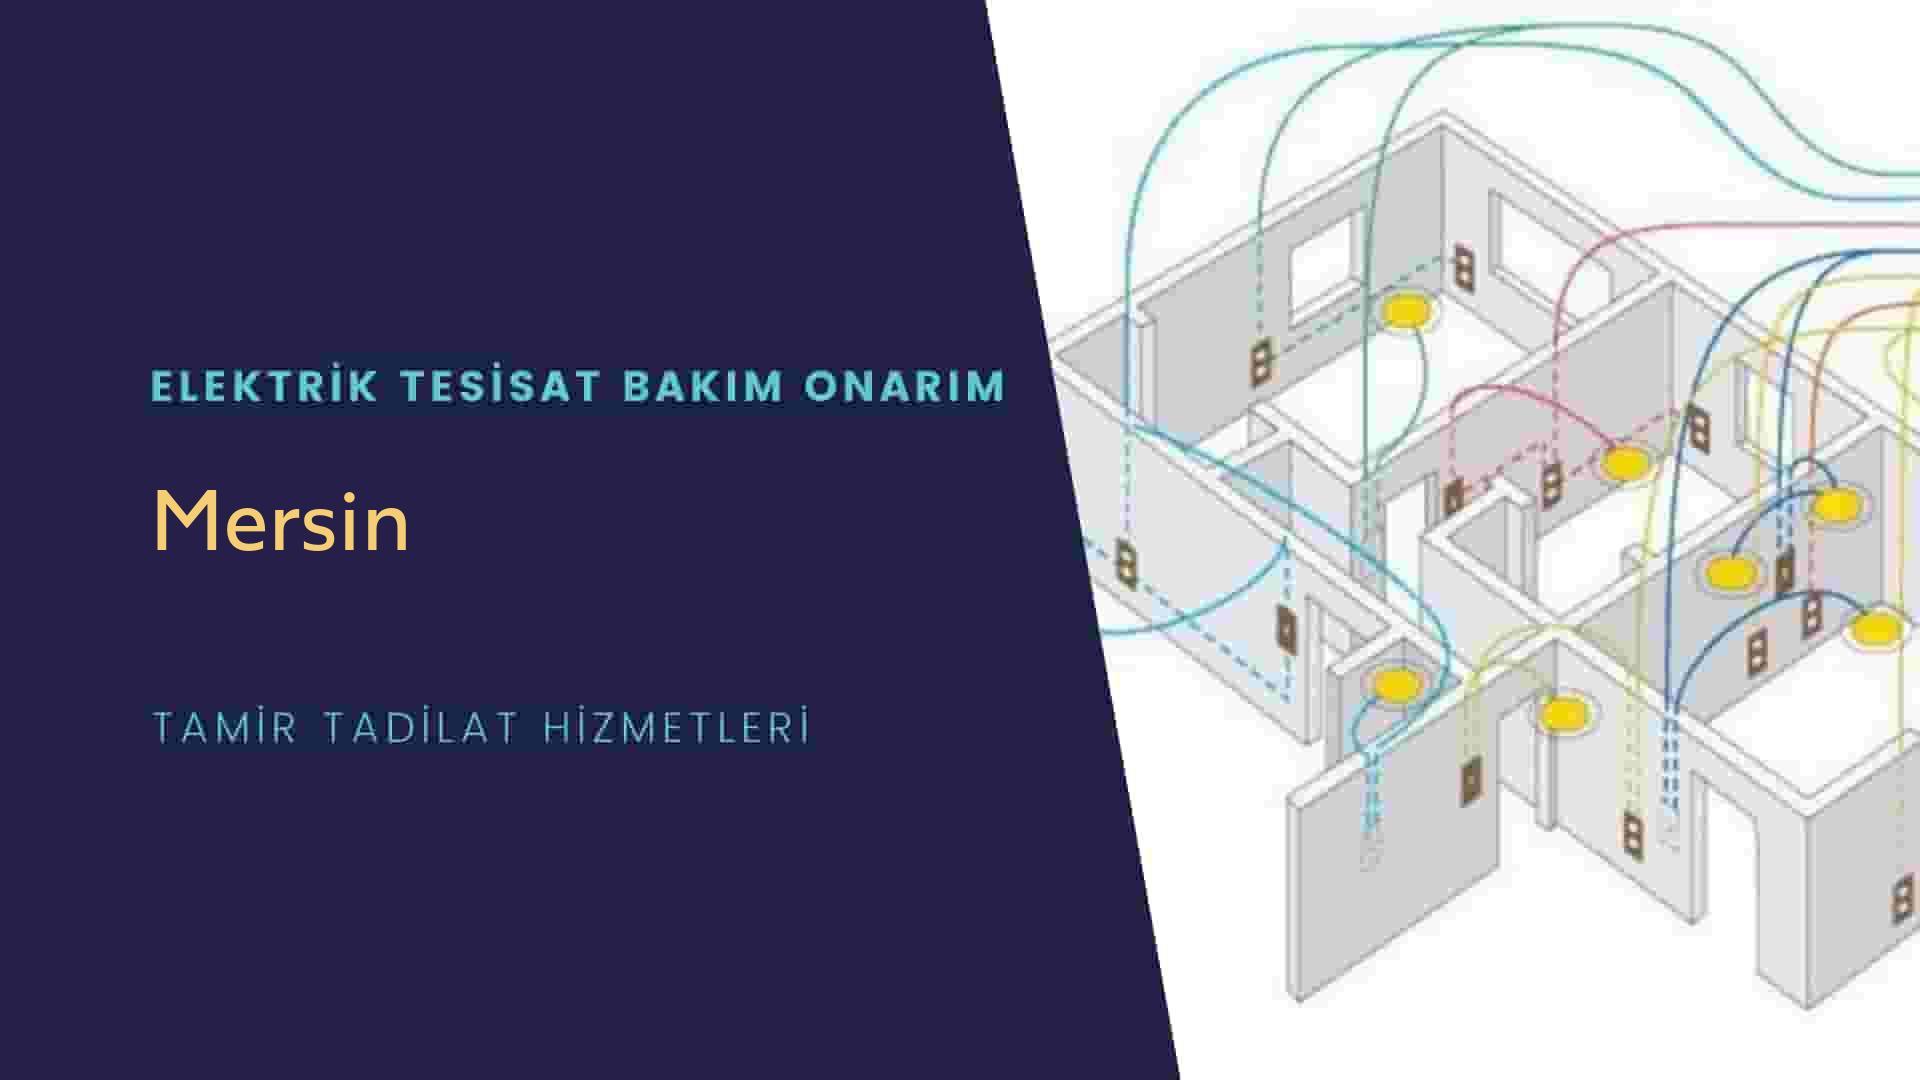 Mersin'de elektrik tesisatıustalarımı arıyorsunuz doğru adrestenizi Mersin elektrik tesisatı ustalarımız 7/24 sizlere hizmet vermekten mutluluk duyar.